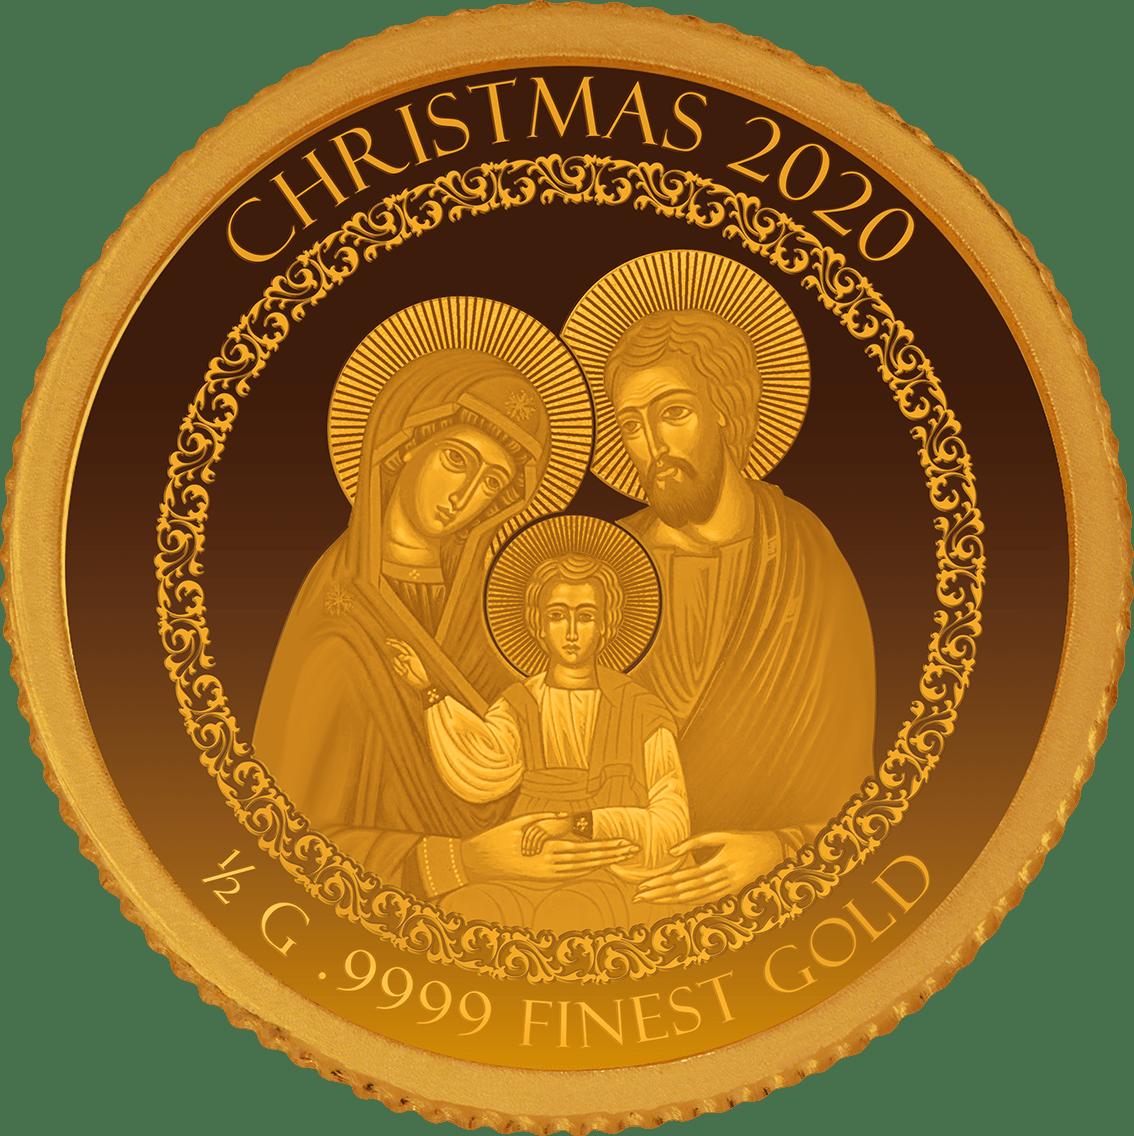 https://www.numiversal.de/shop/gold/weihnachten-2020/